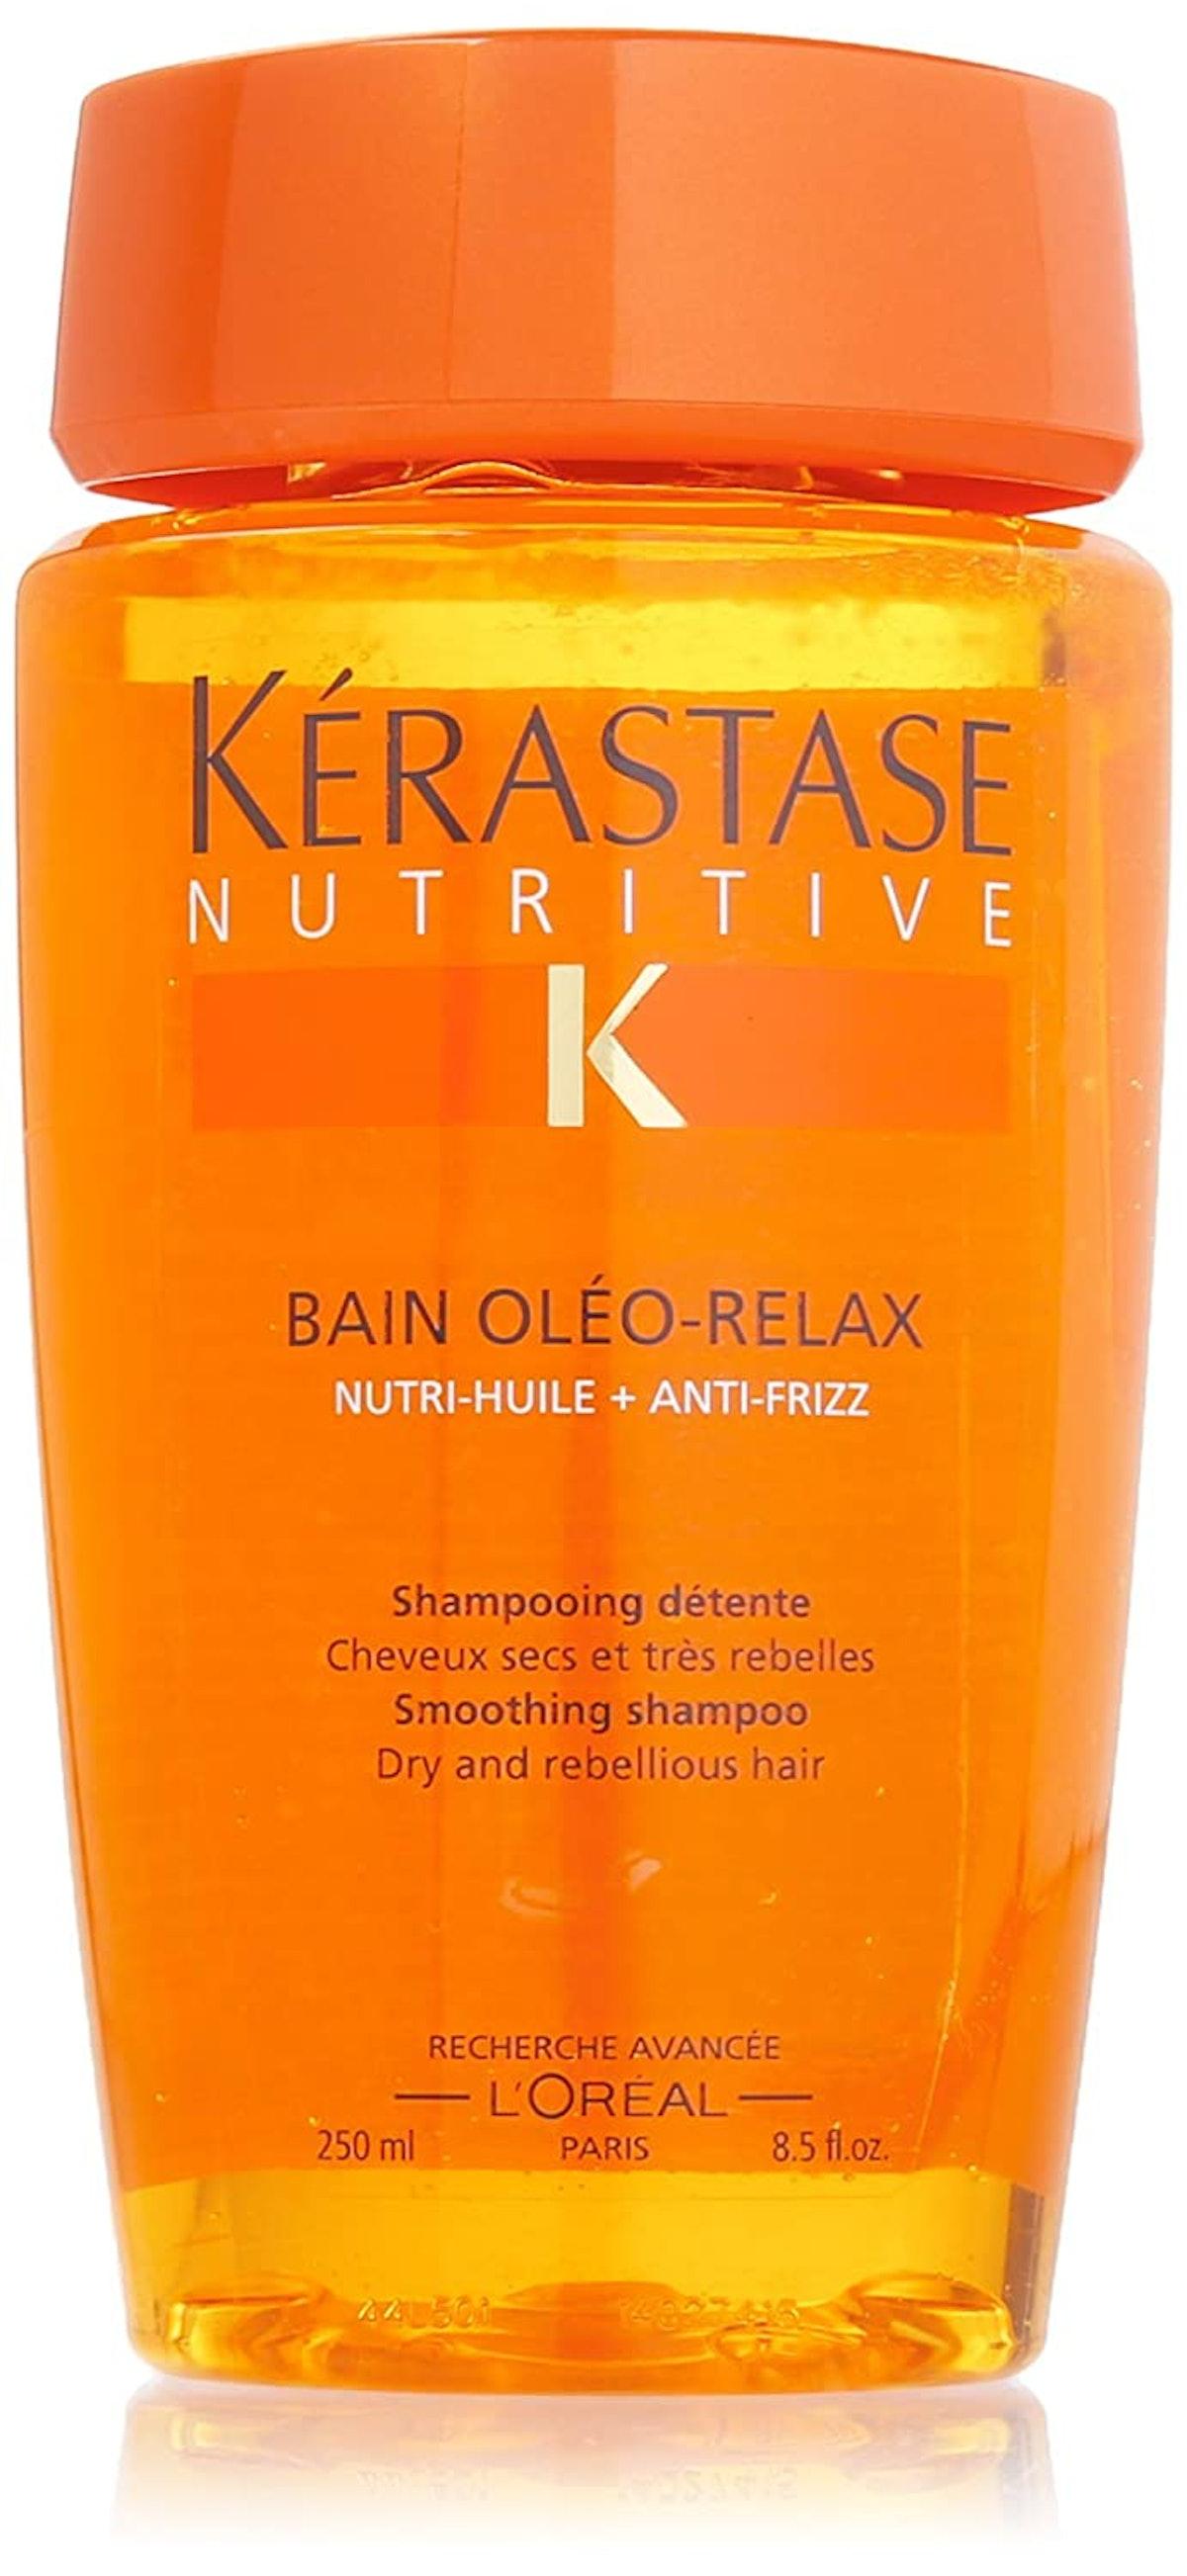 Nutritive Bain Oléo-Relax Shampoo